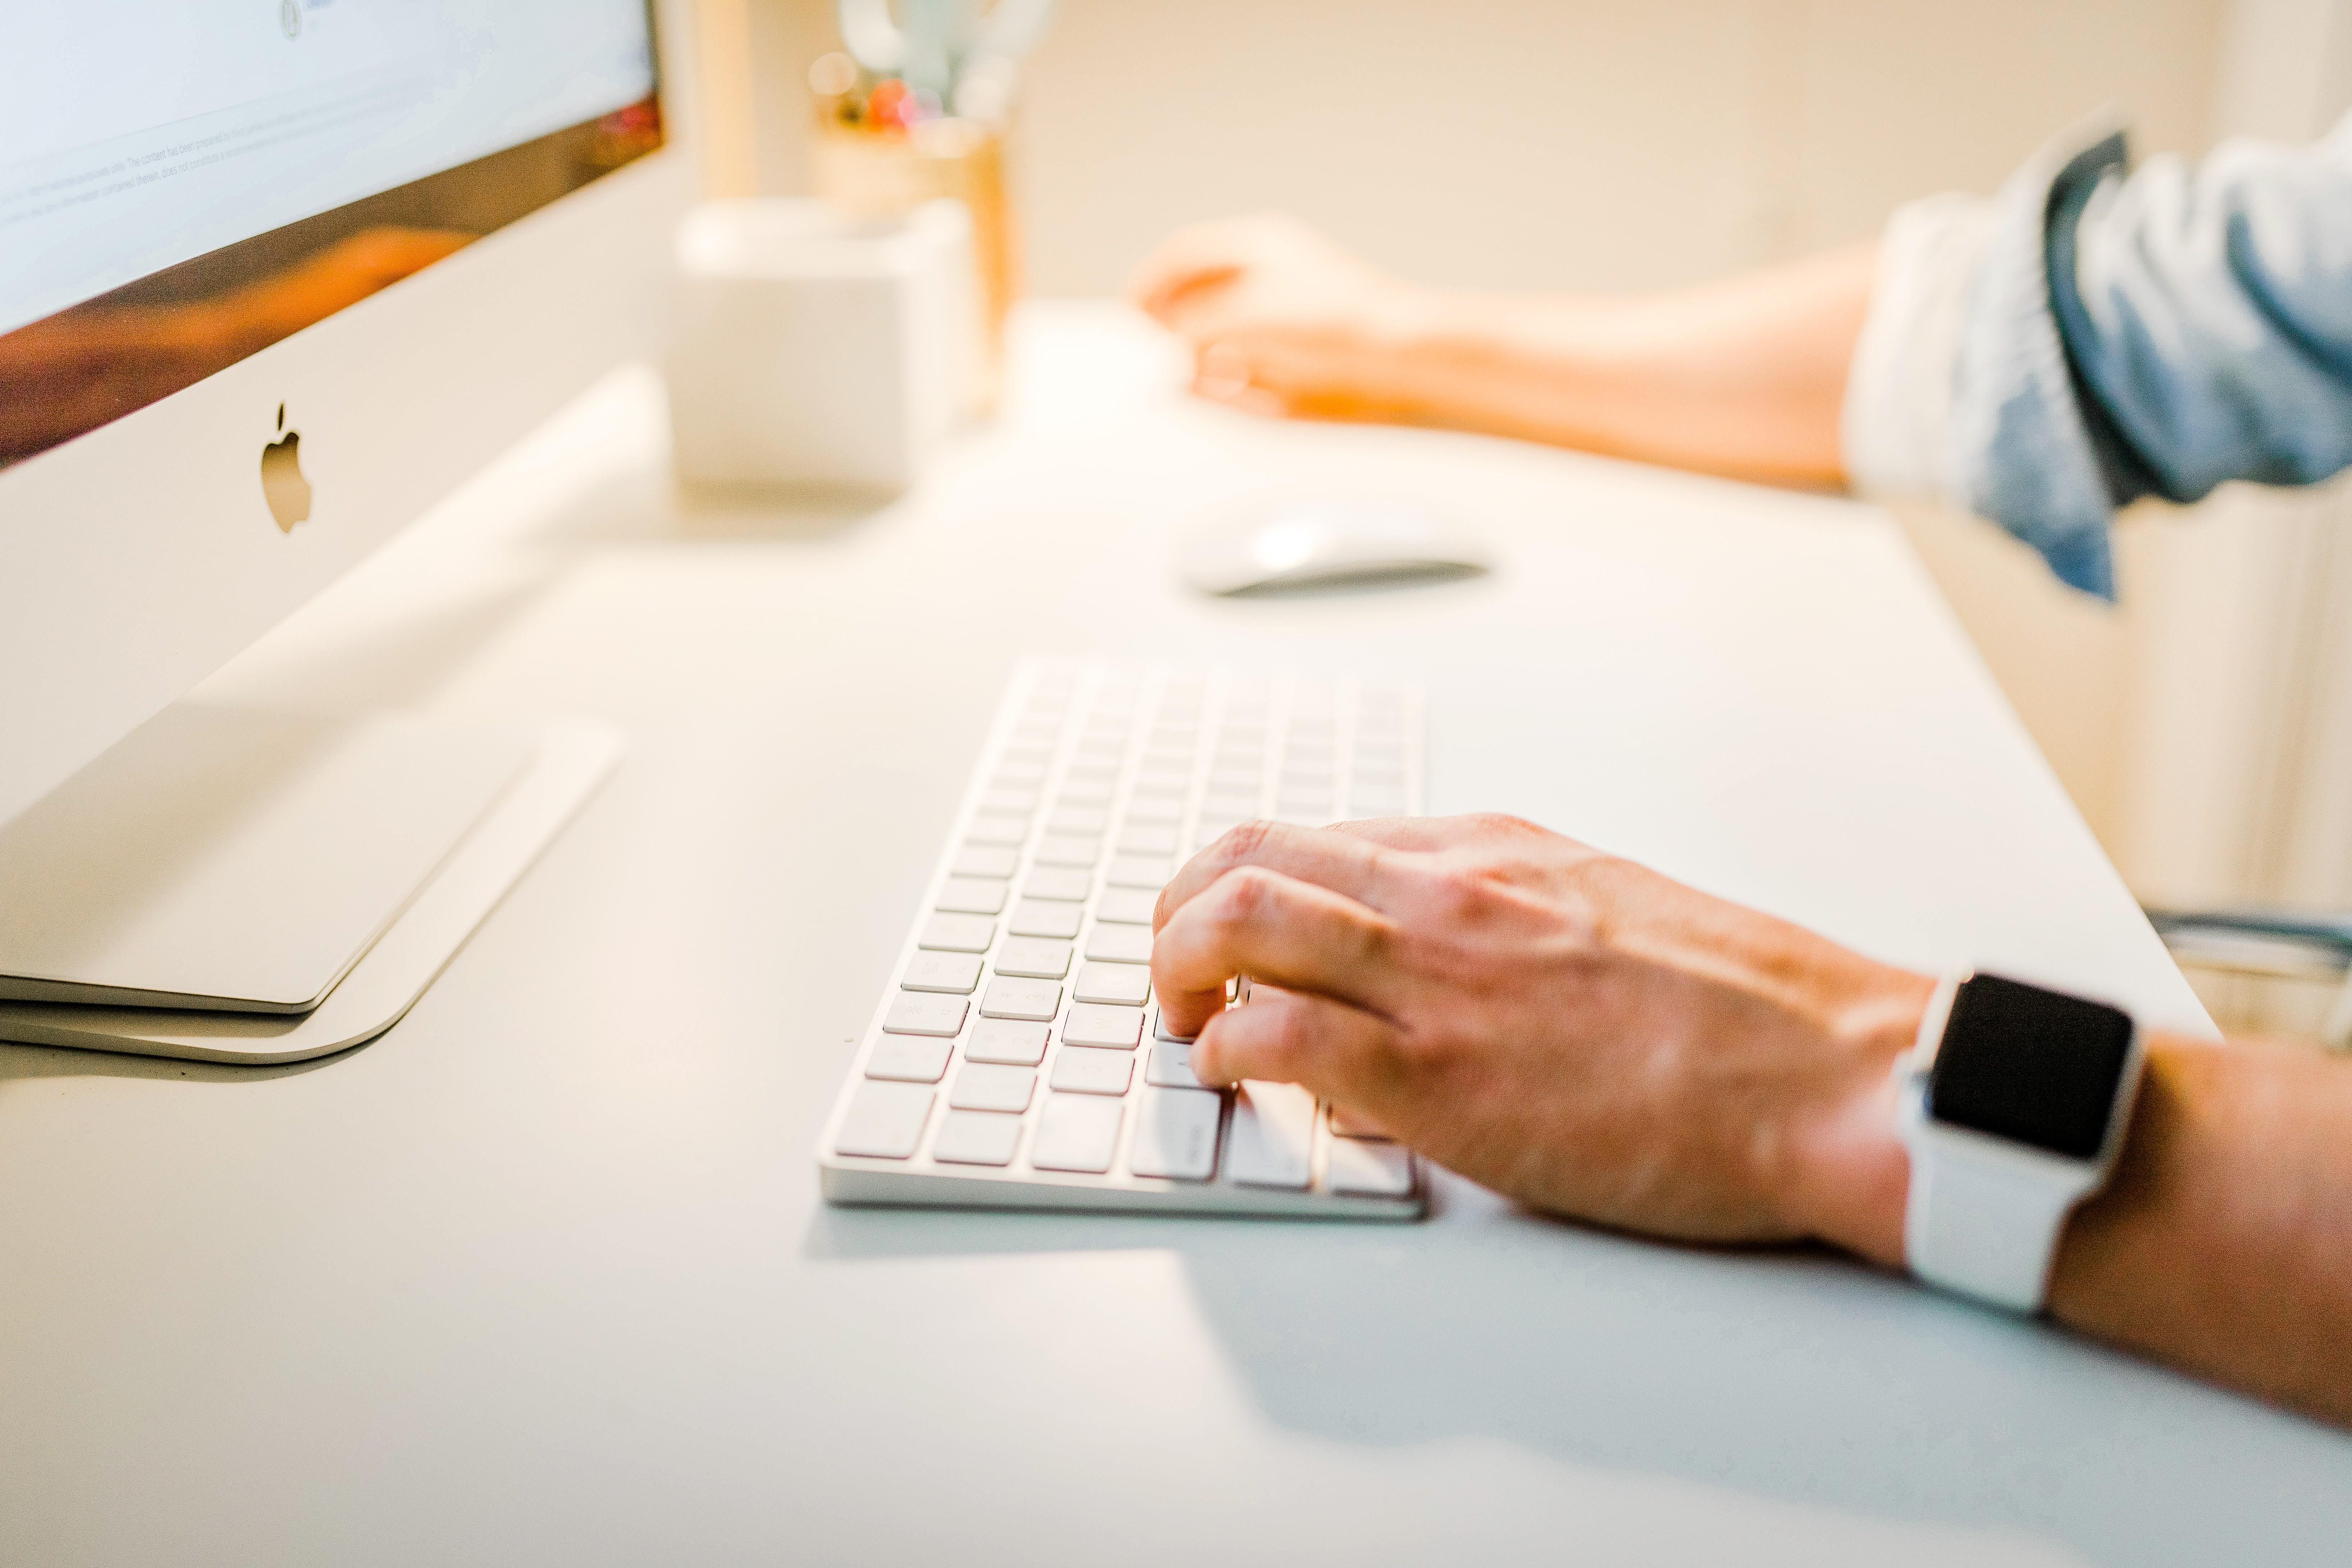 メールの宛名を複数人にする書き方まとめ!順番・役職やCC・BCCの使い方は?